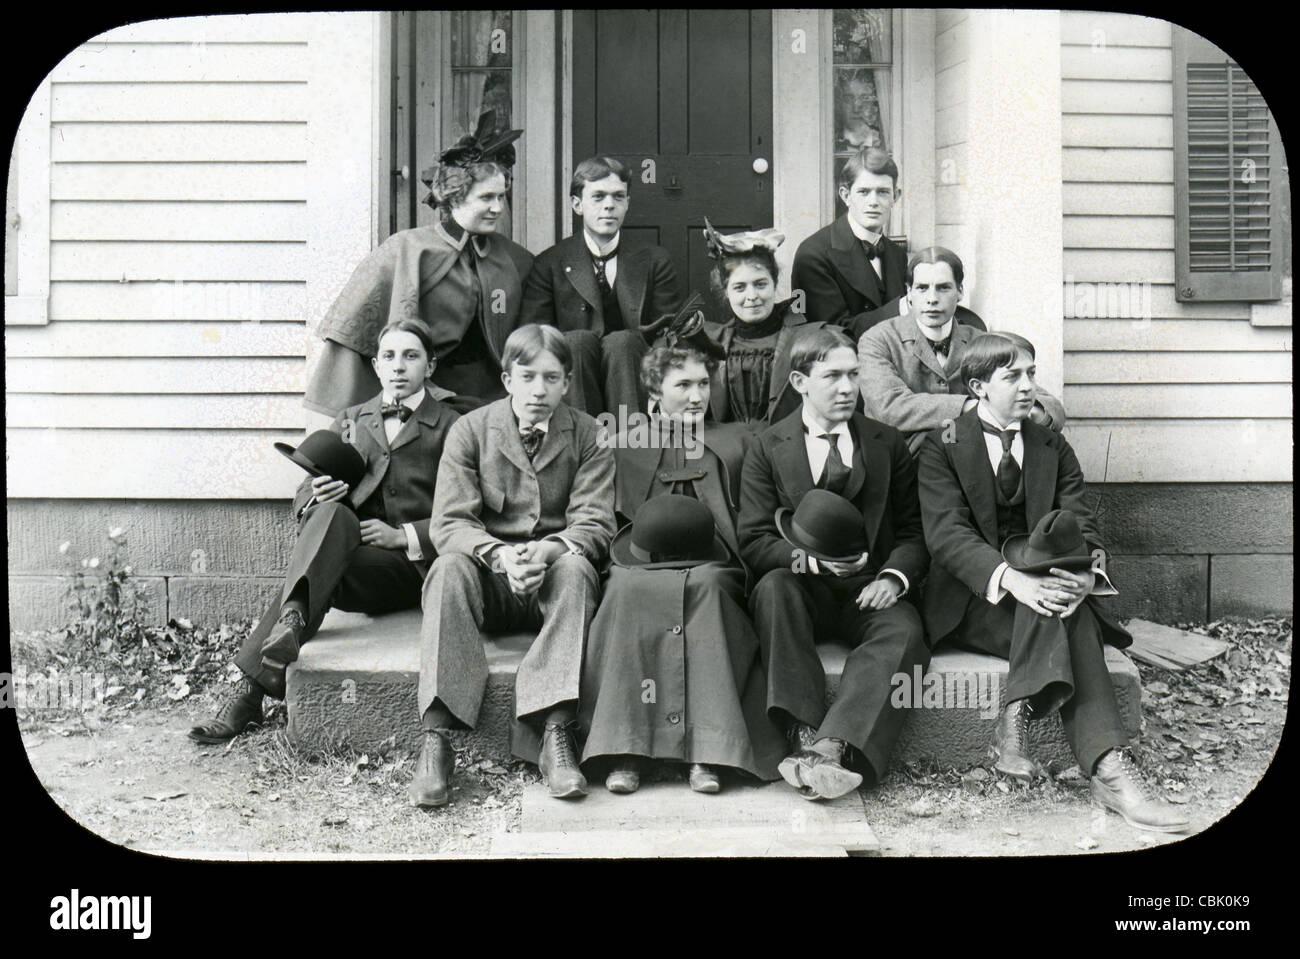 Vers 1900 photographie ancienne d'un groupe de jeunes hommes et femmes. Photo Stock